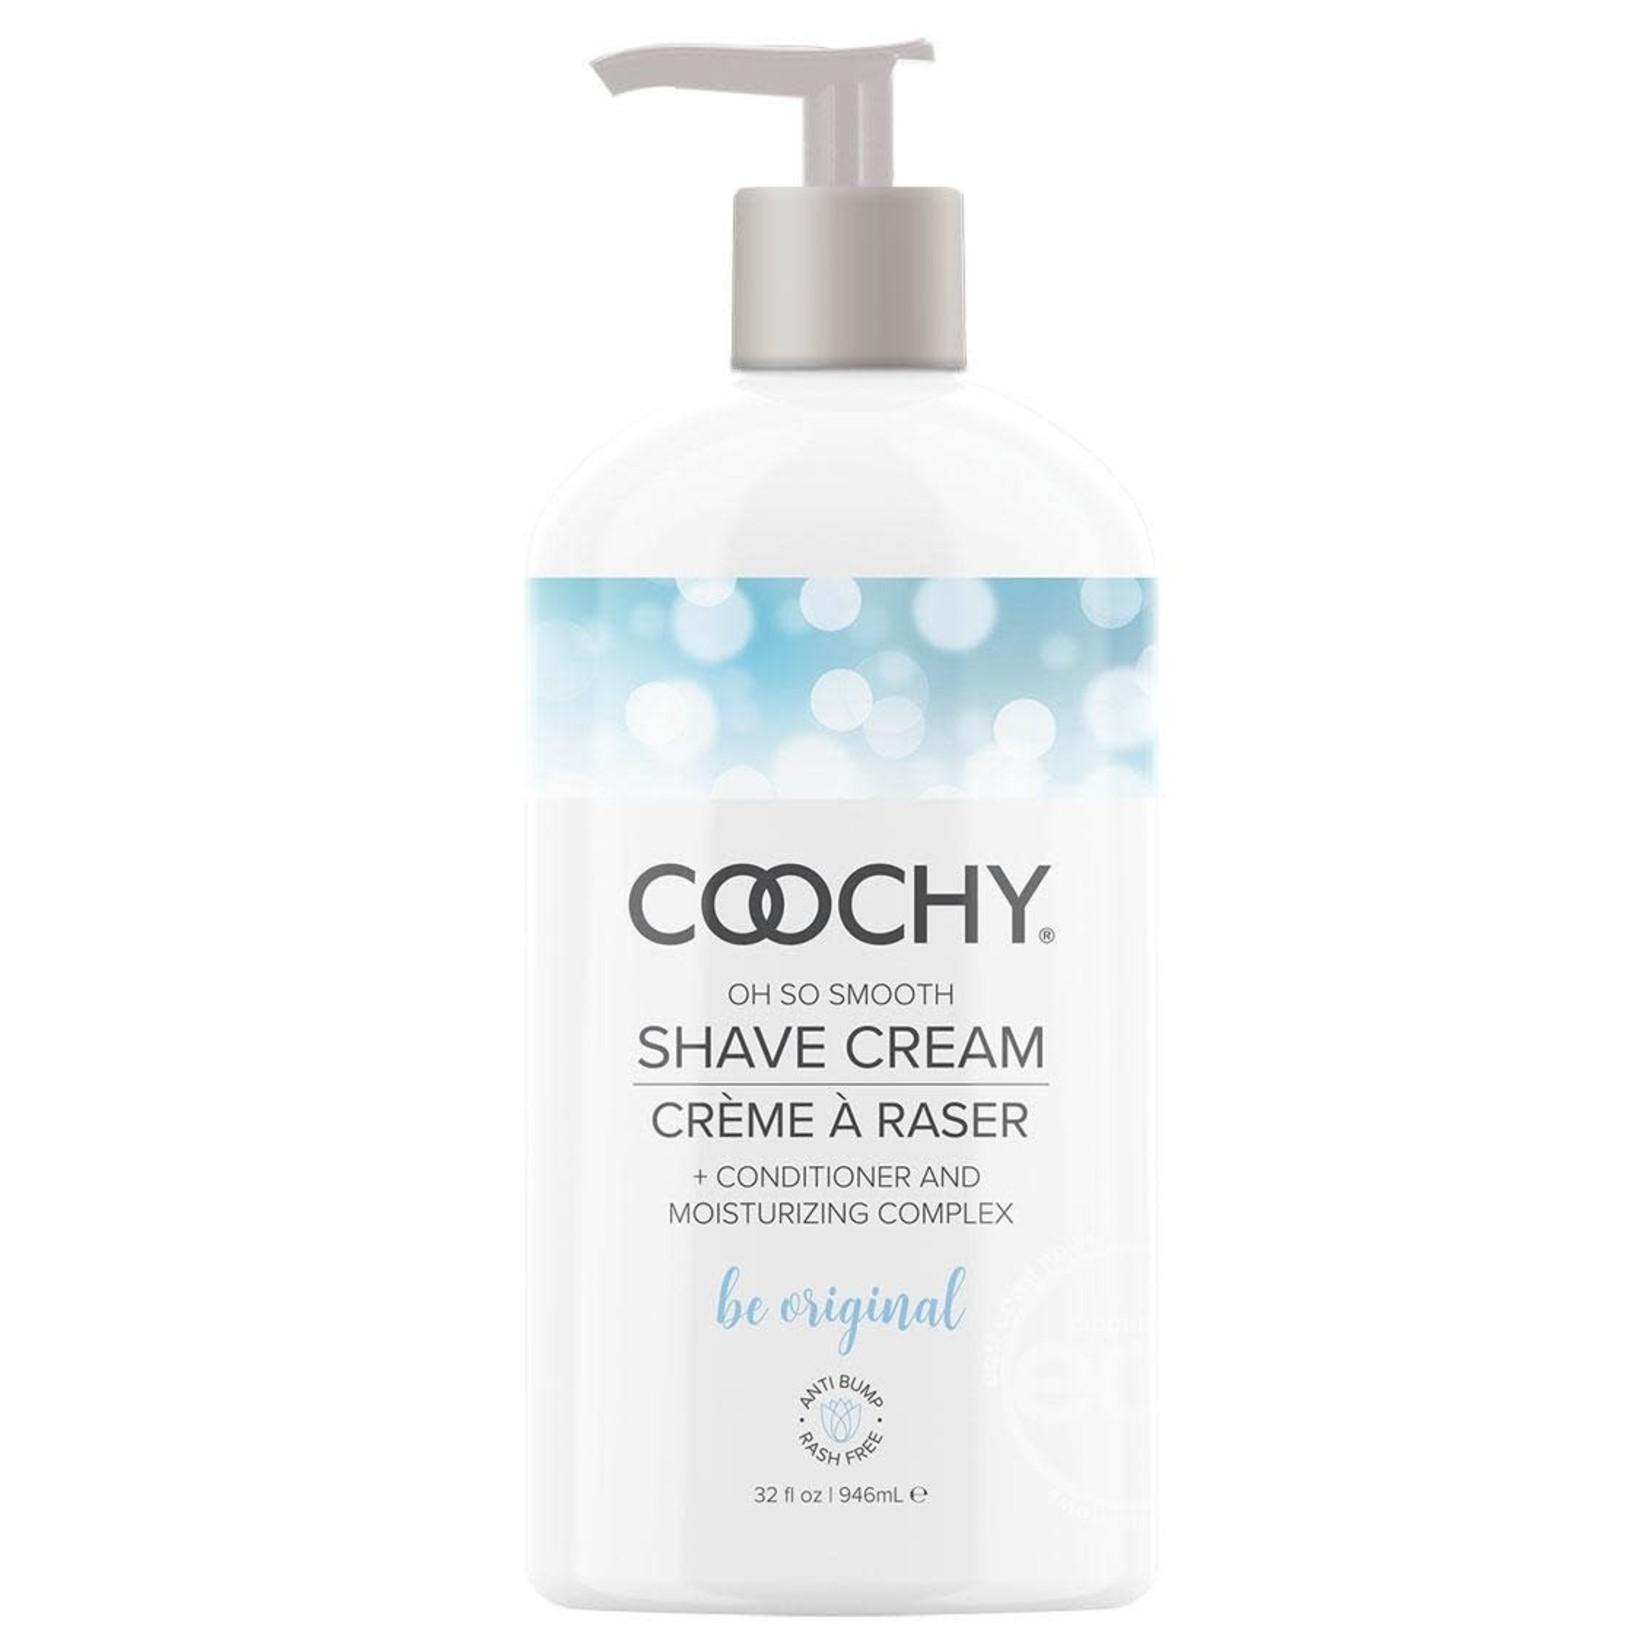 Coochy Shave Cream Be Original 32oz